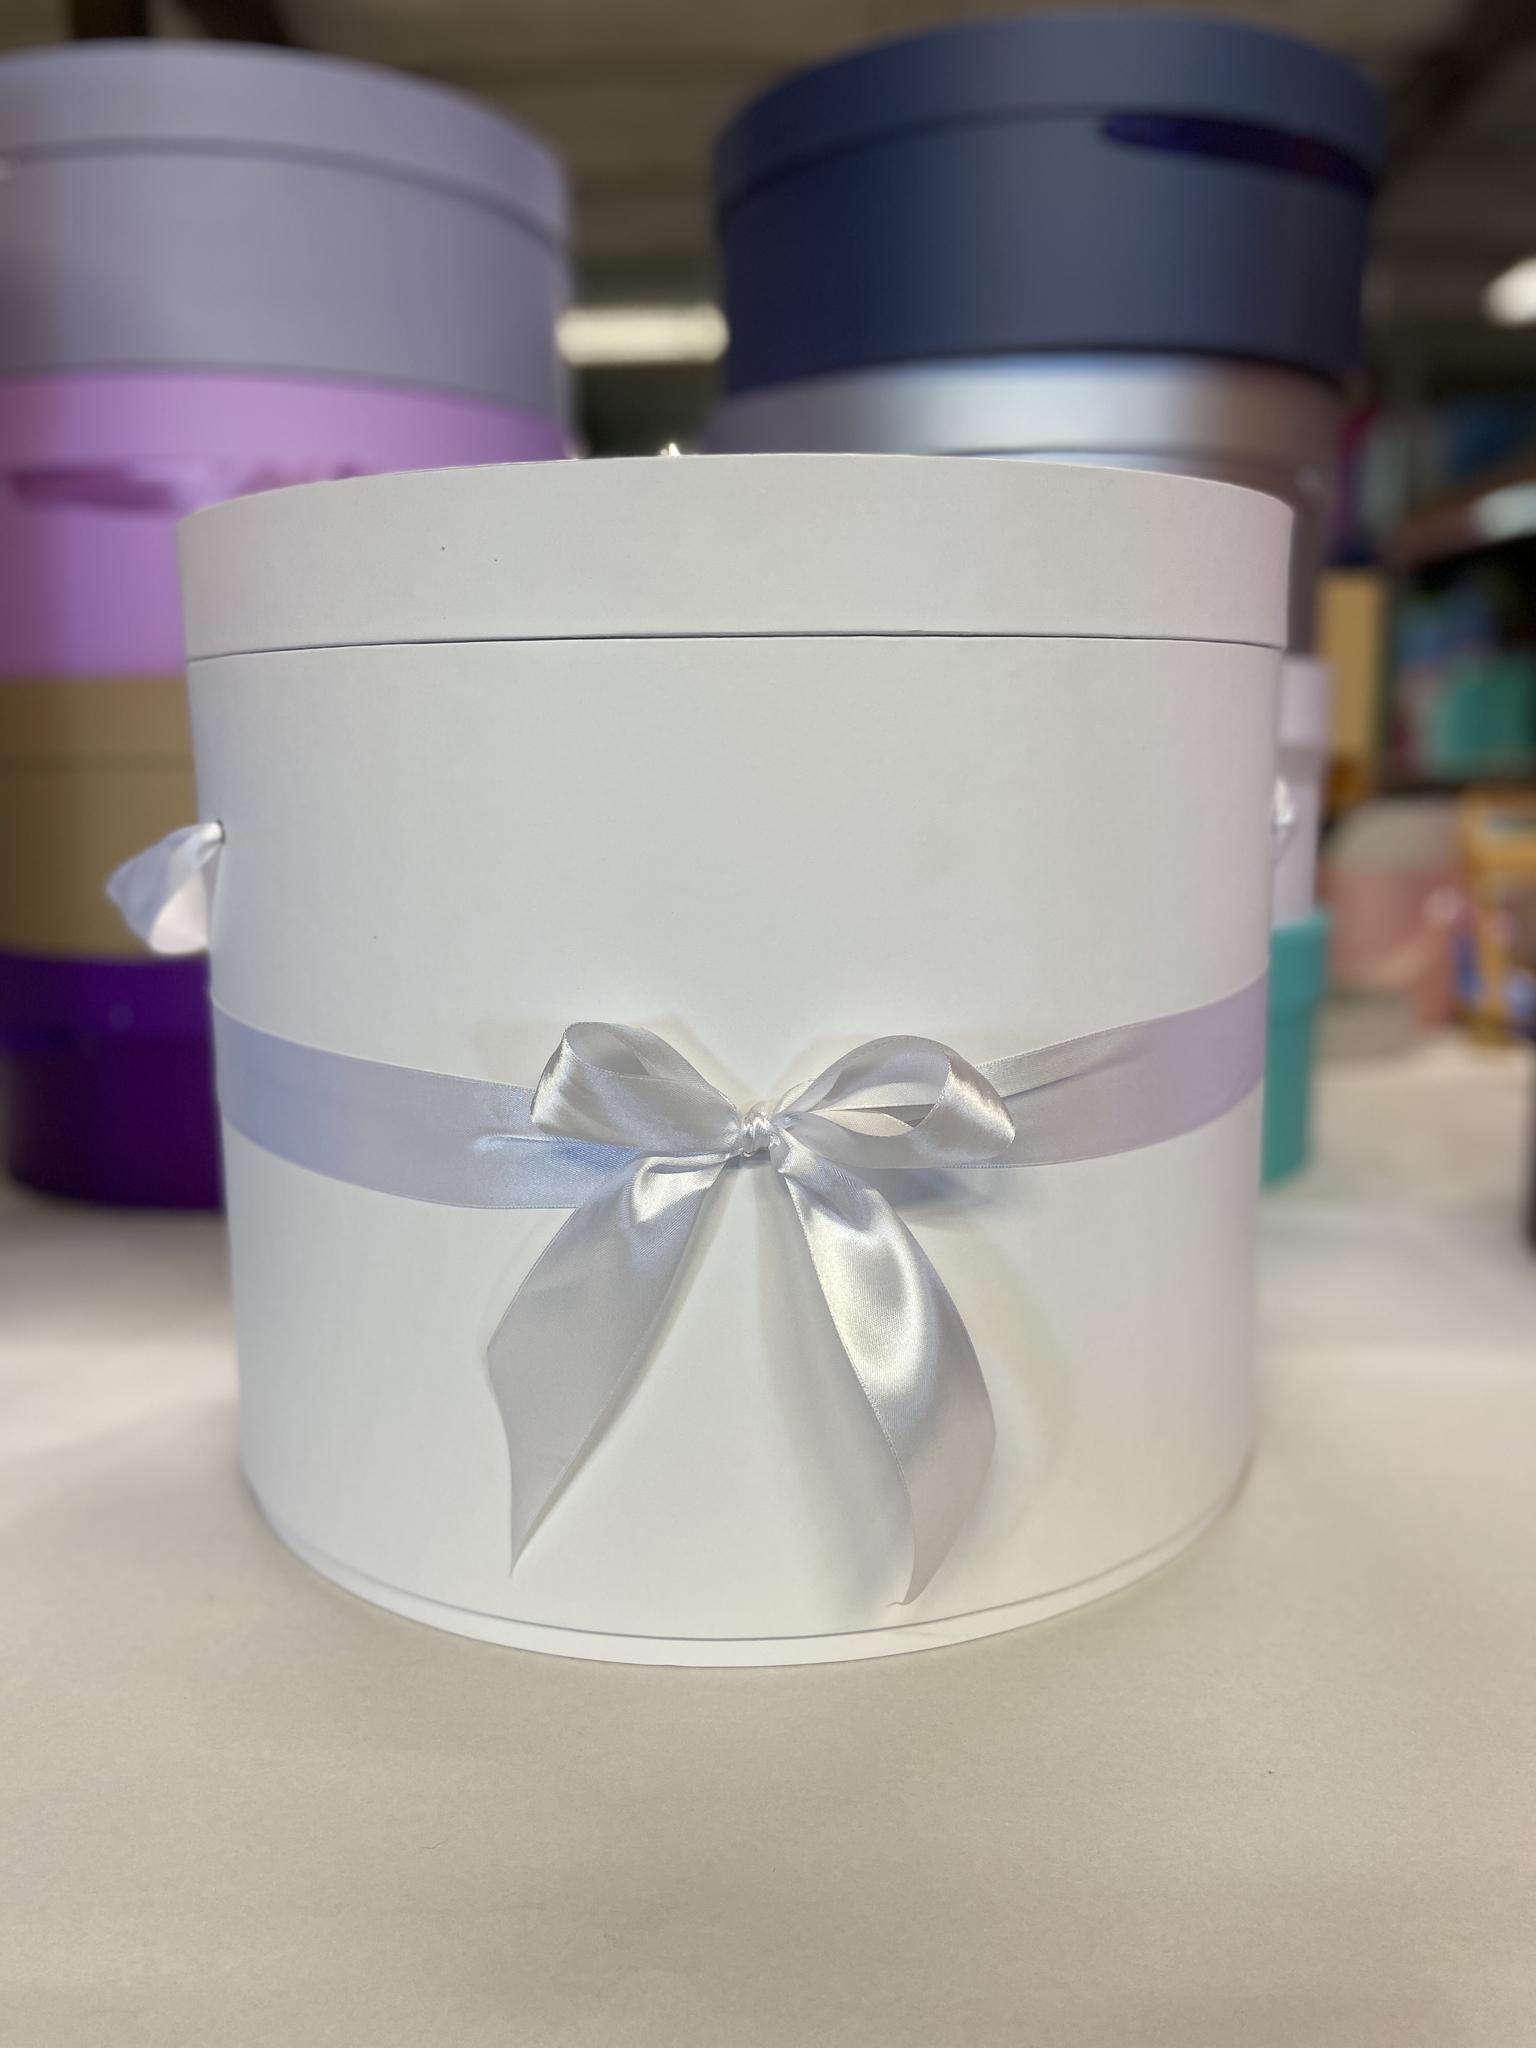 Шляпная коробка 40 см Цвет: Белый   . Розница 1200 рублей .